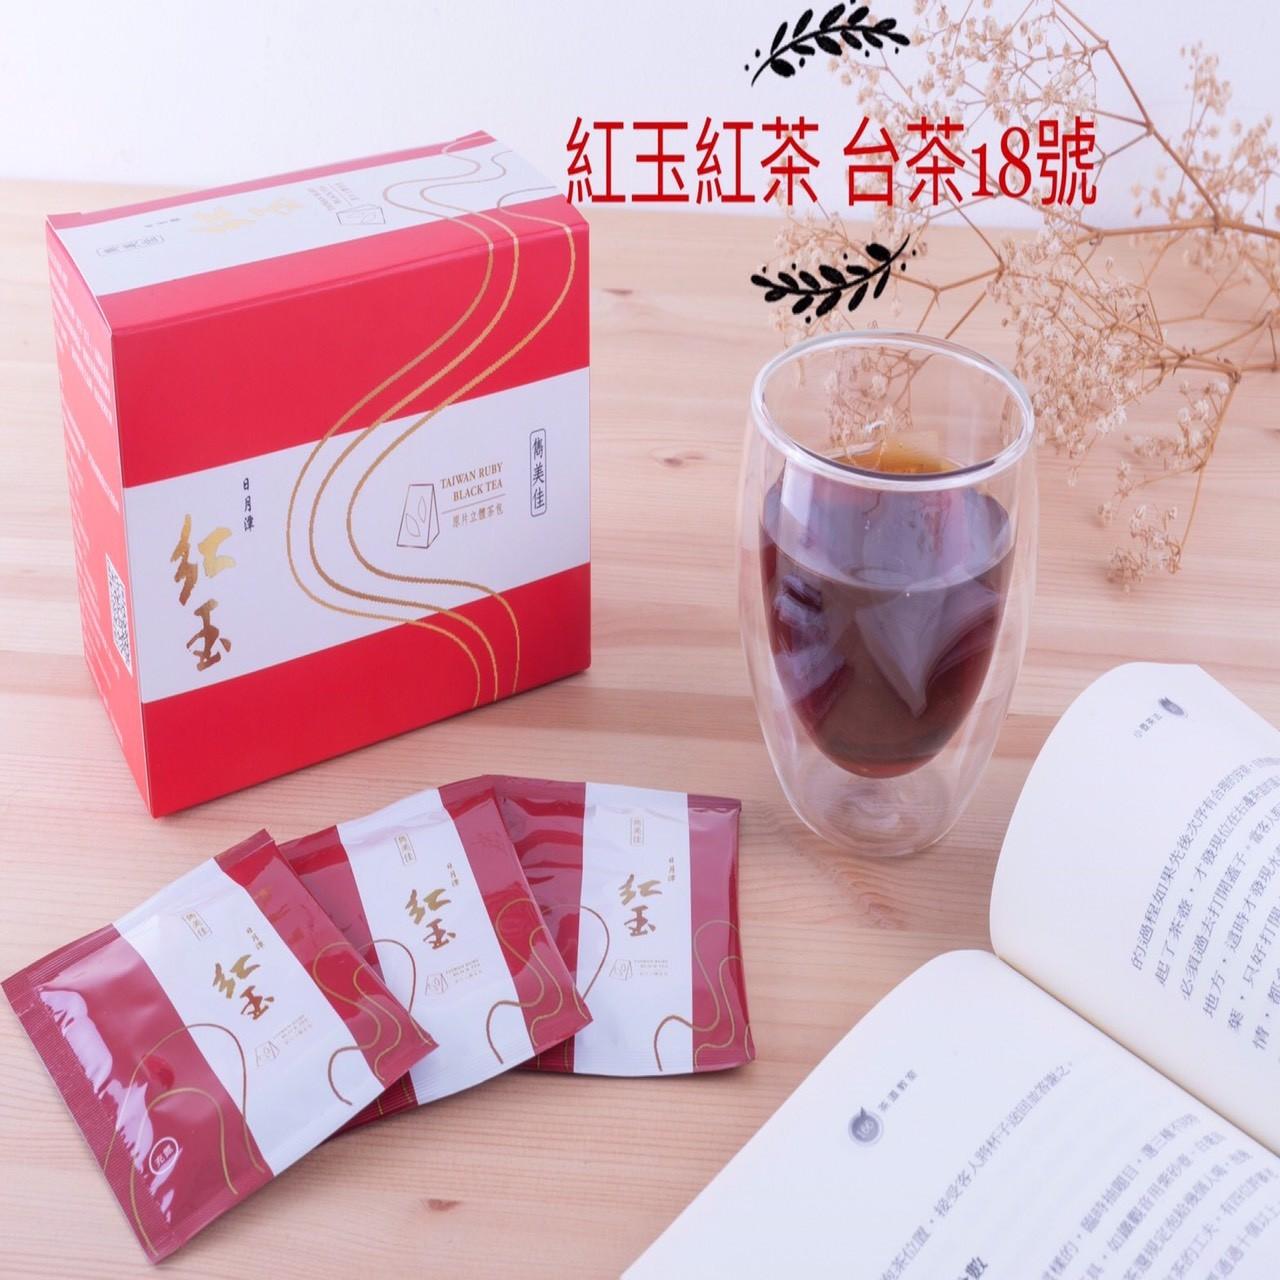 【雋美佳】『台茶18號 』平面茶包 - 日月潭紅玉紅茶,熱(冷)泡 紅茶包 奶茶